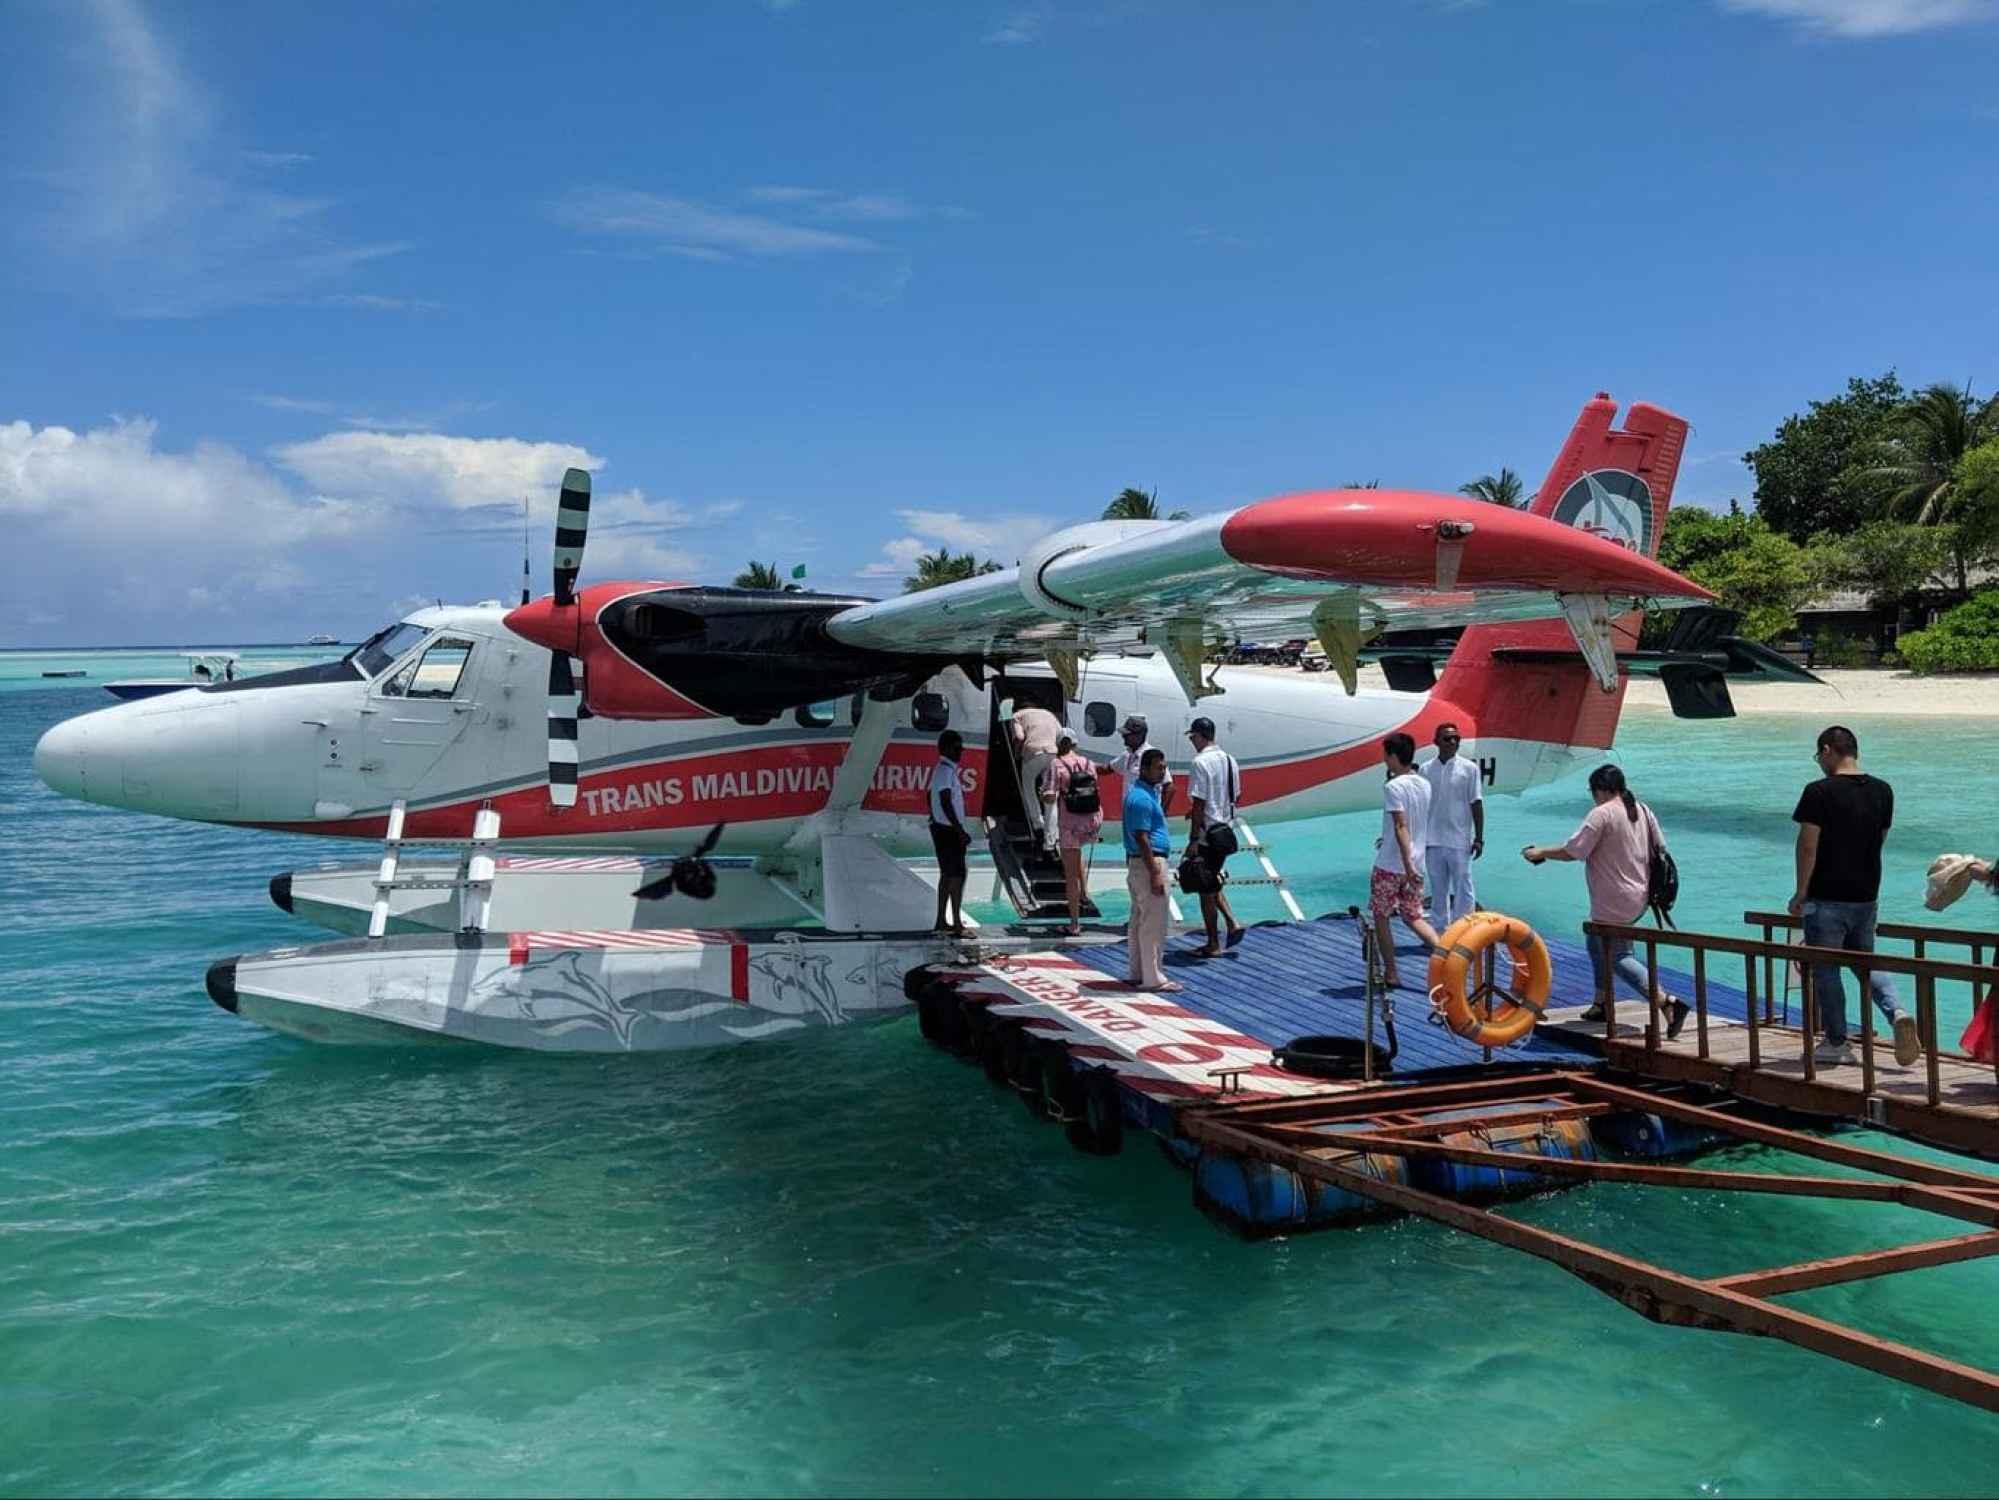 Trans Maldivian seaplane at LUX* South Ari Atoll